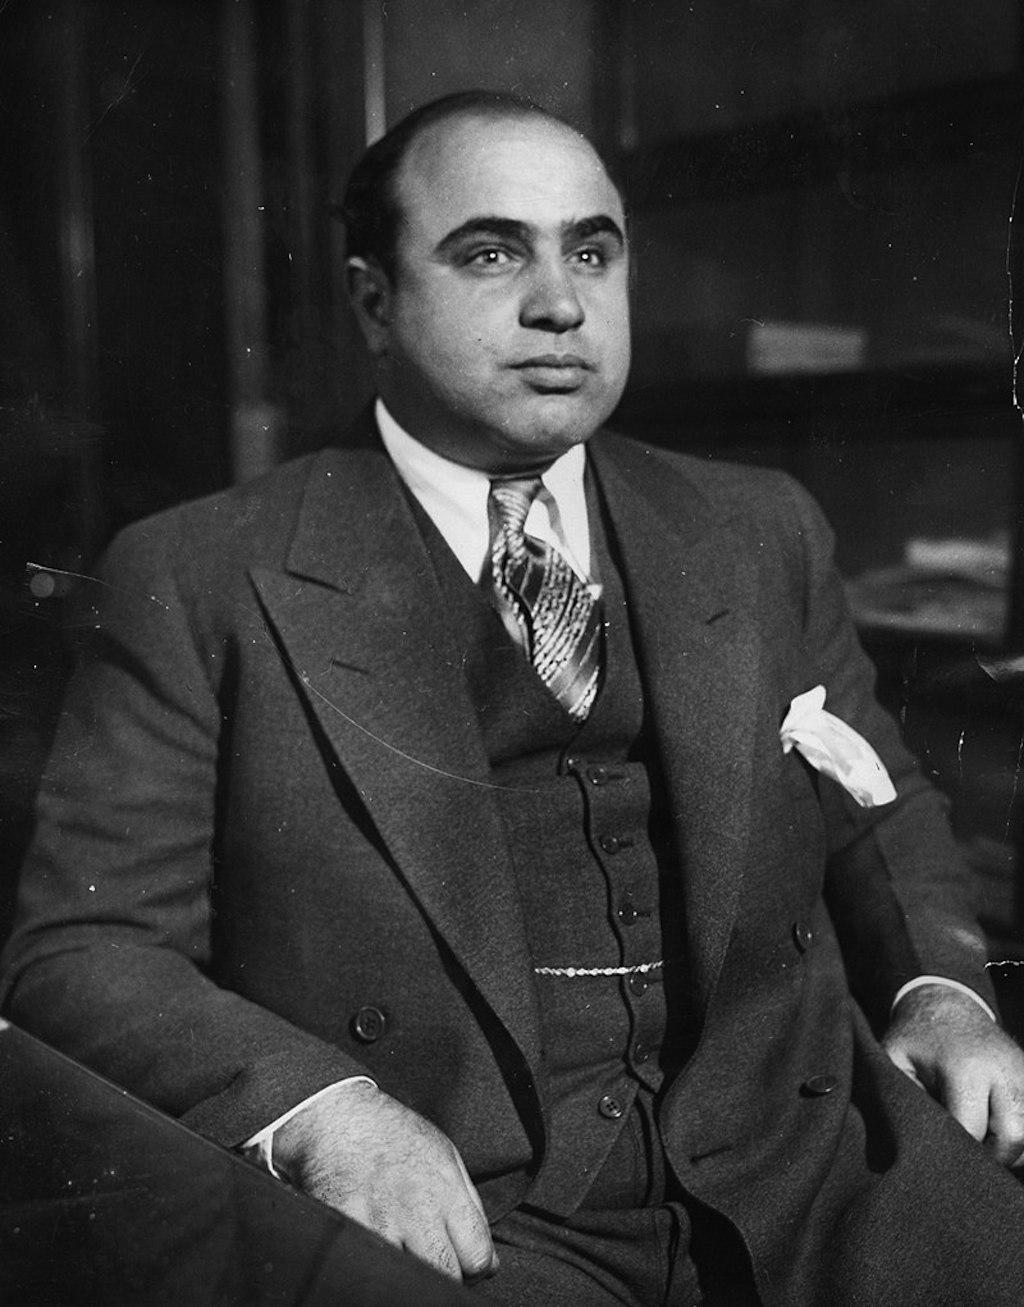 al capone in 1930